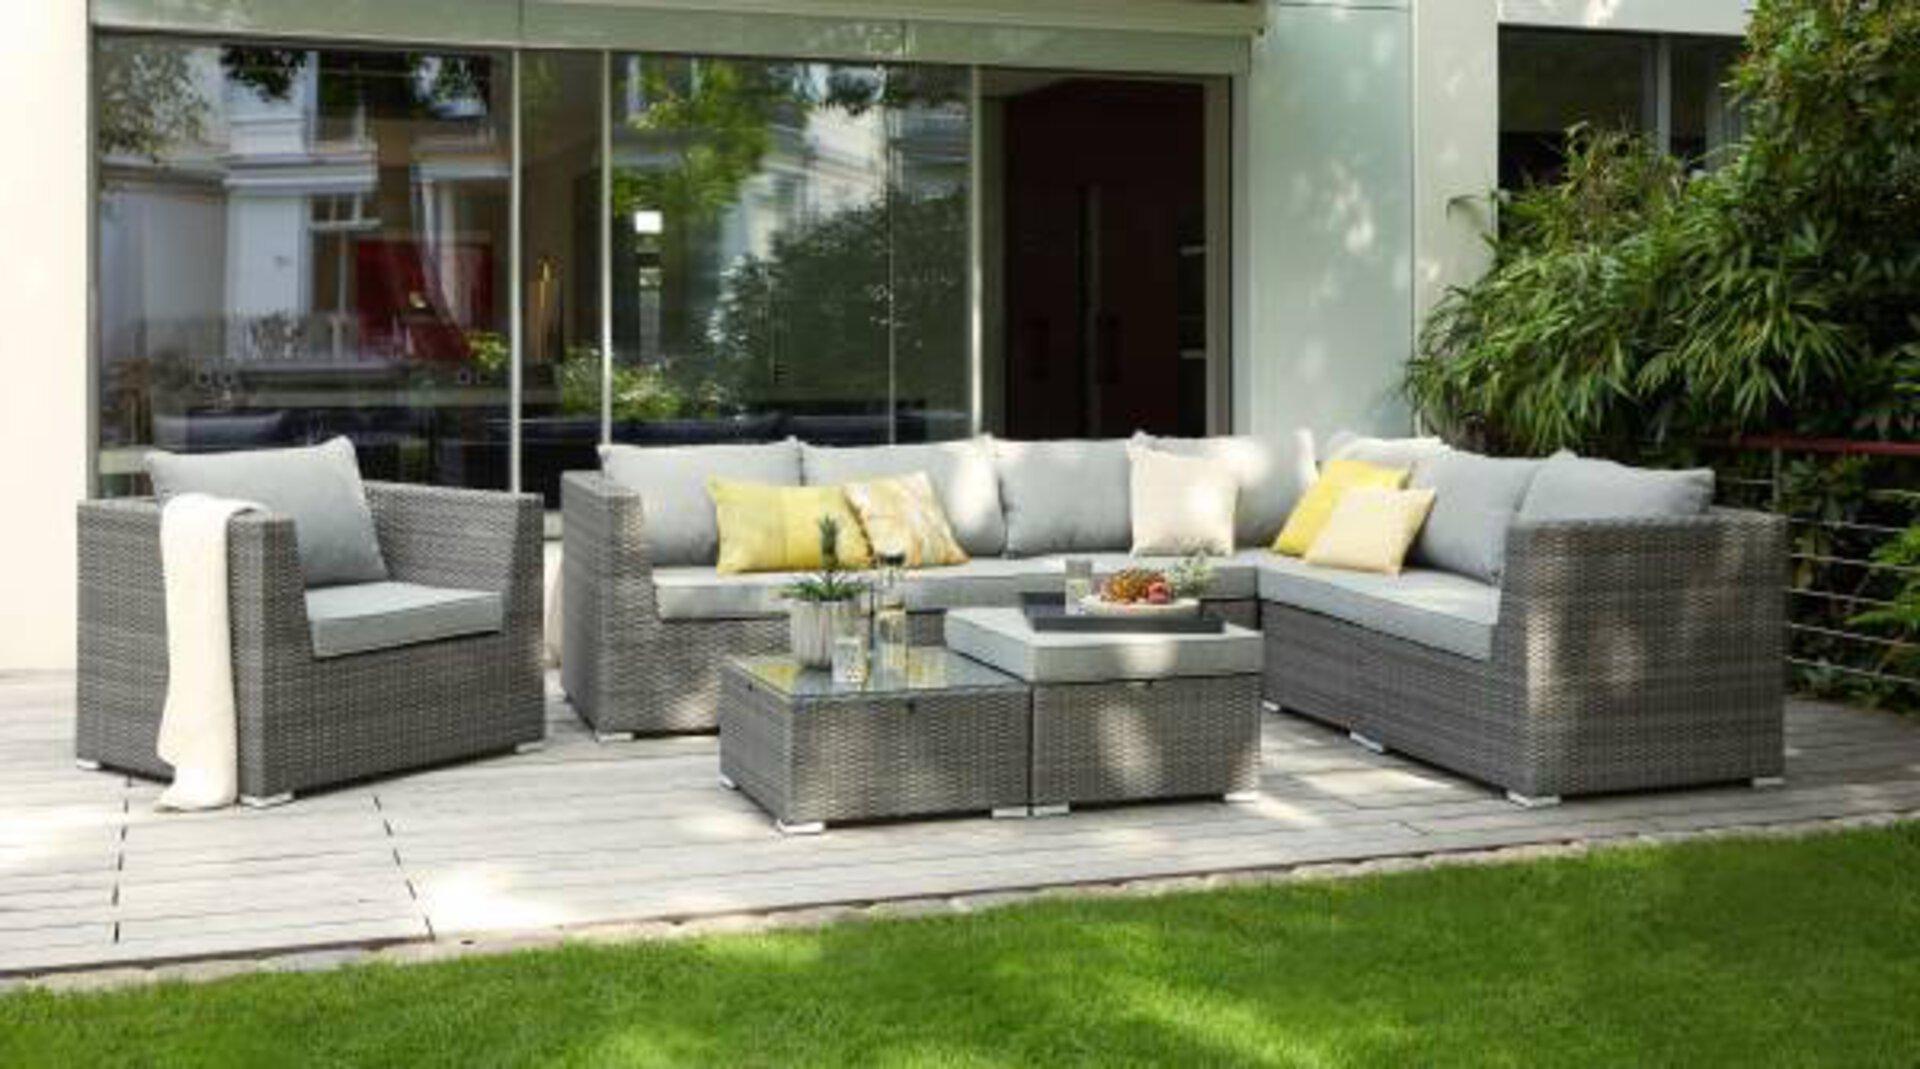 Loungesessel RUEGEN Outdoor Textil 75 x 102 x 84 cm